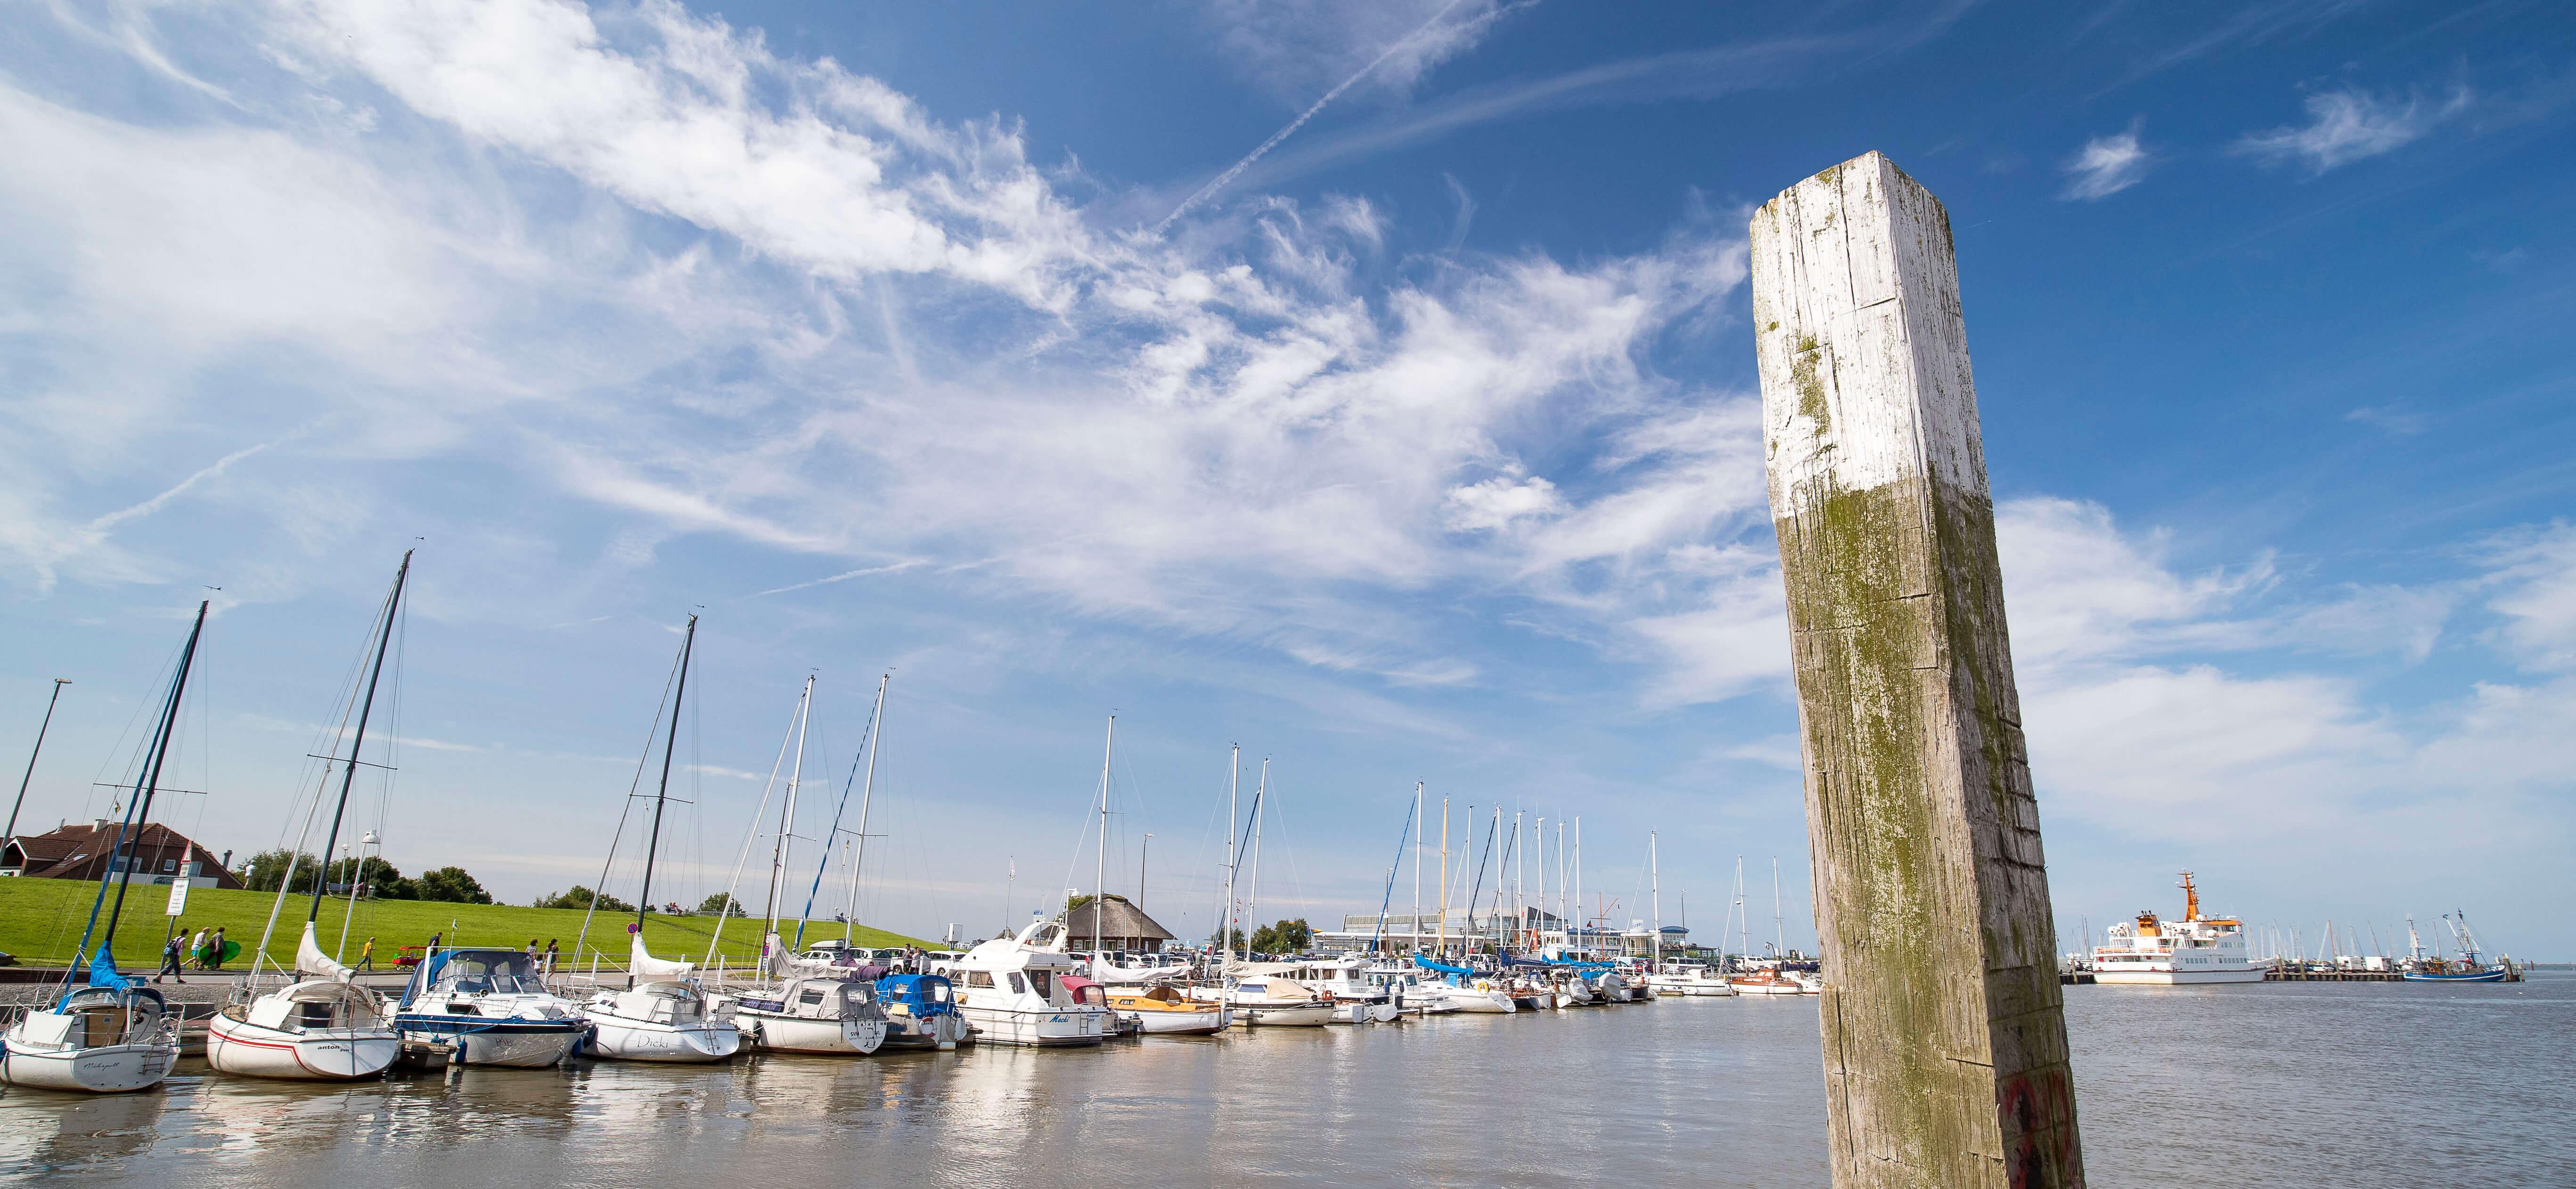 Hafen Nordseeheilbad Bensersiel